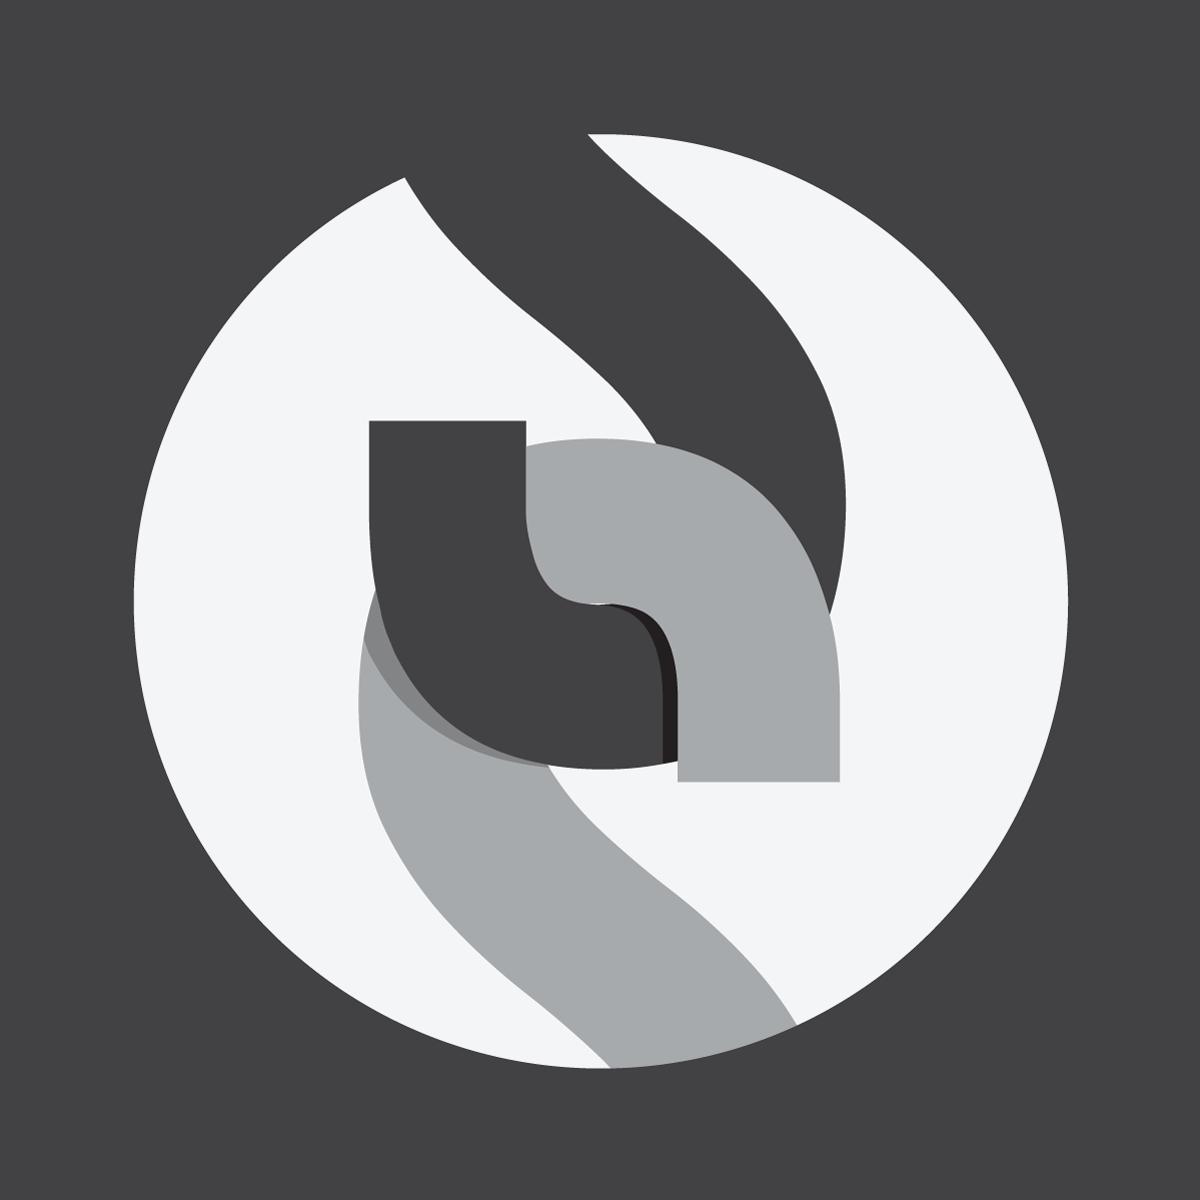 SubscribeStar Logomark Gray